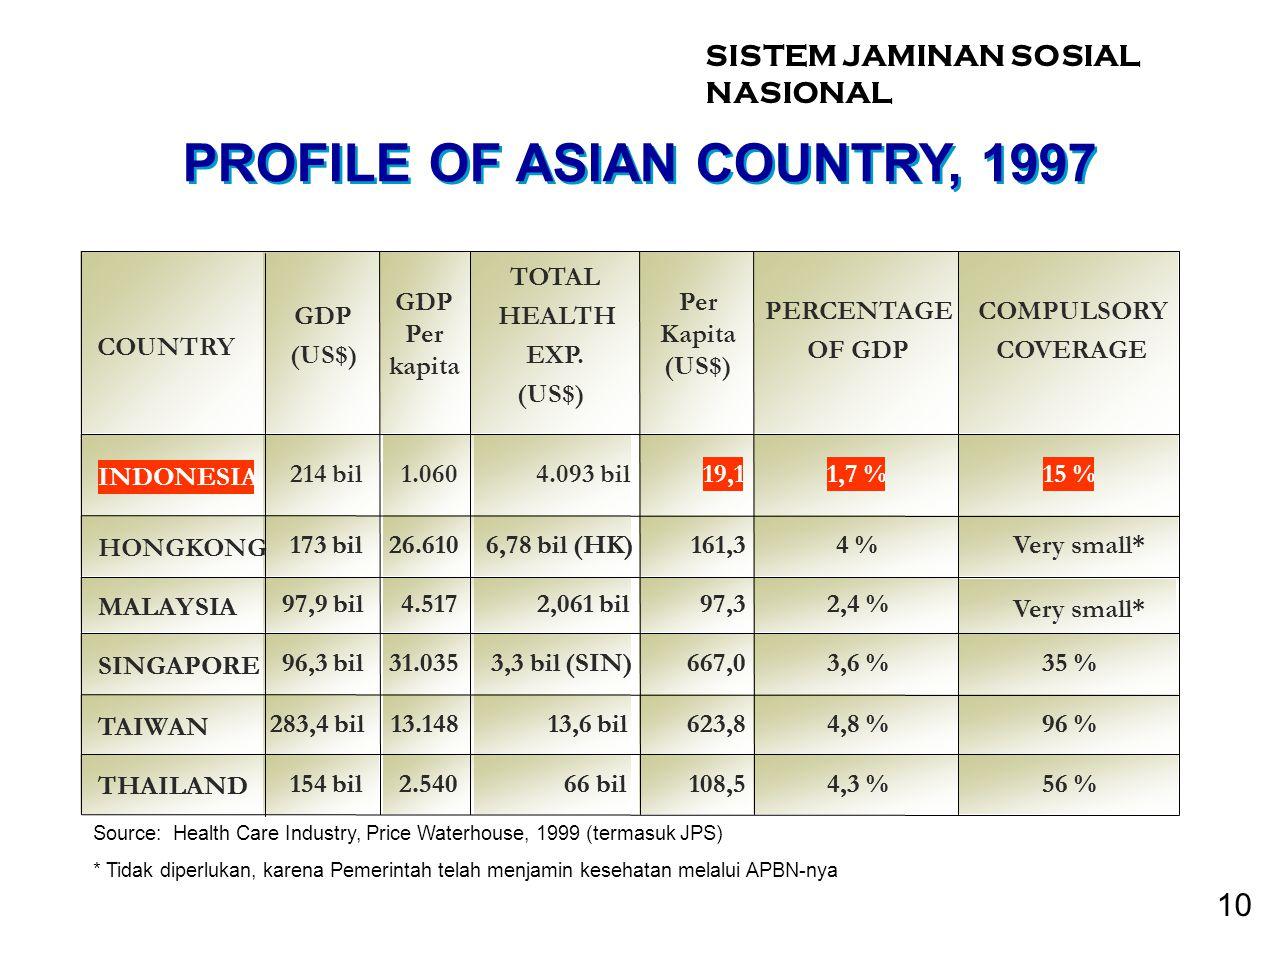 PROFILE OF ASIAN COUNTRY, 1997 10 SISTEM JAMINAN SOSIAL NASIONAL